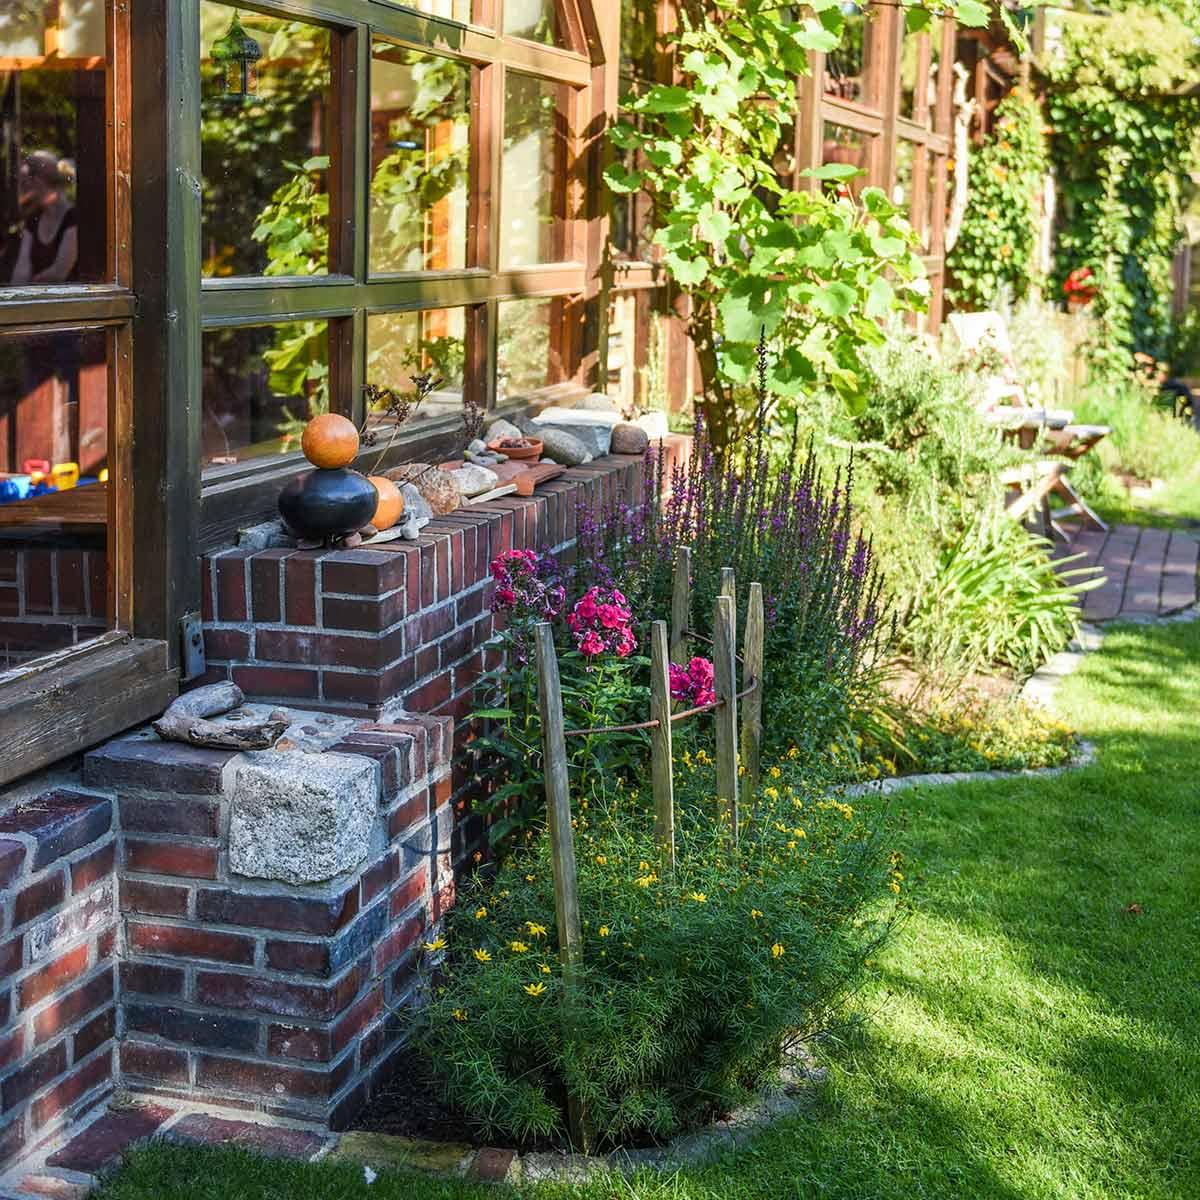 Gartengestaltung im raum wilhelmshaven jever wittmund for Gartengestaltung 2016